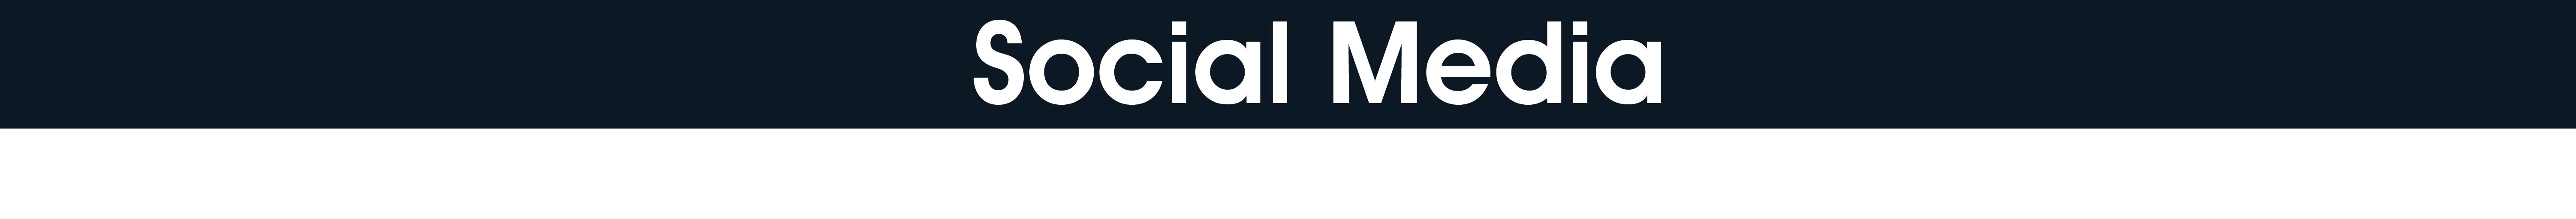 SocialMediaHeader